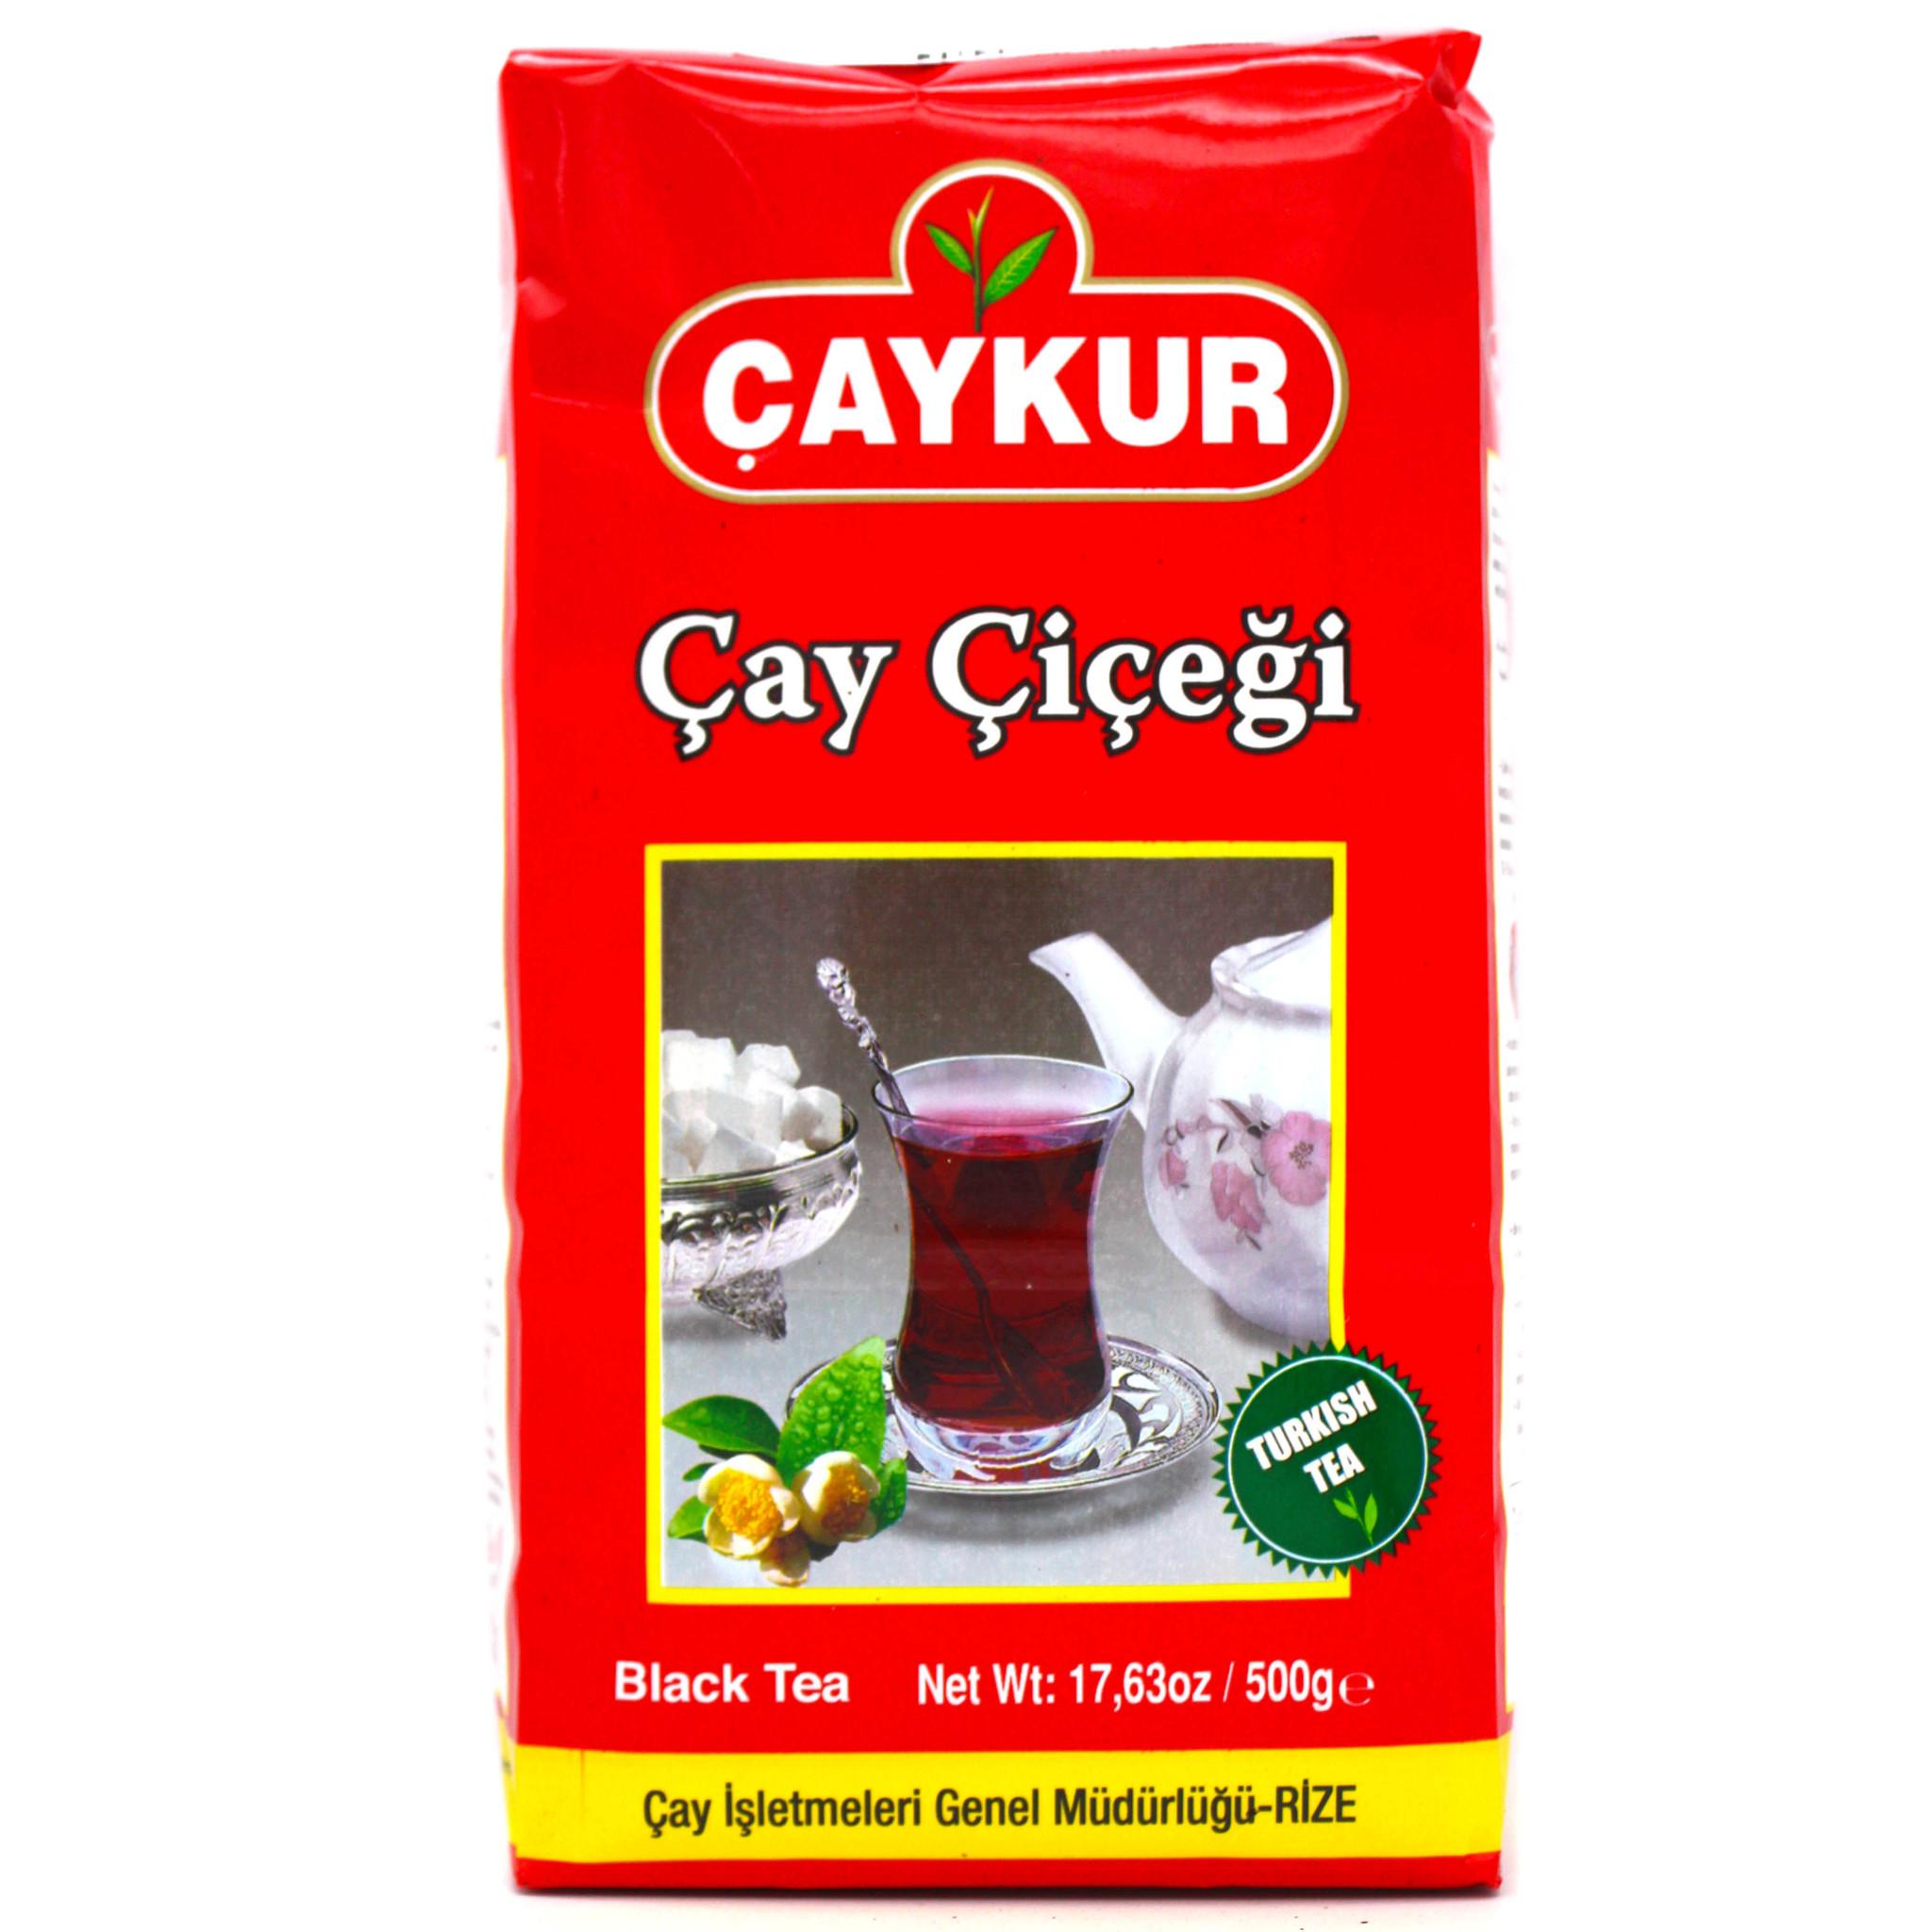 """Чай Турецкий черный чай """"Чайный цветок"""", Çaykur, 500 г import_files_b4_b4b4c1c99eea11e9a9ad484d7ecee297_d17e1ff7a2e211e9a9ae484d7ecee297.jpg"""